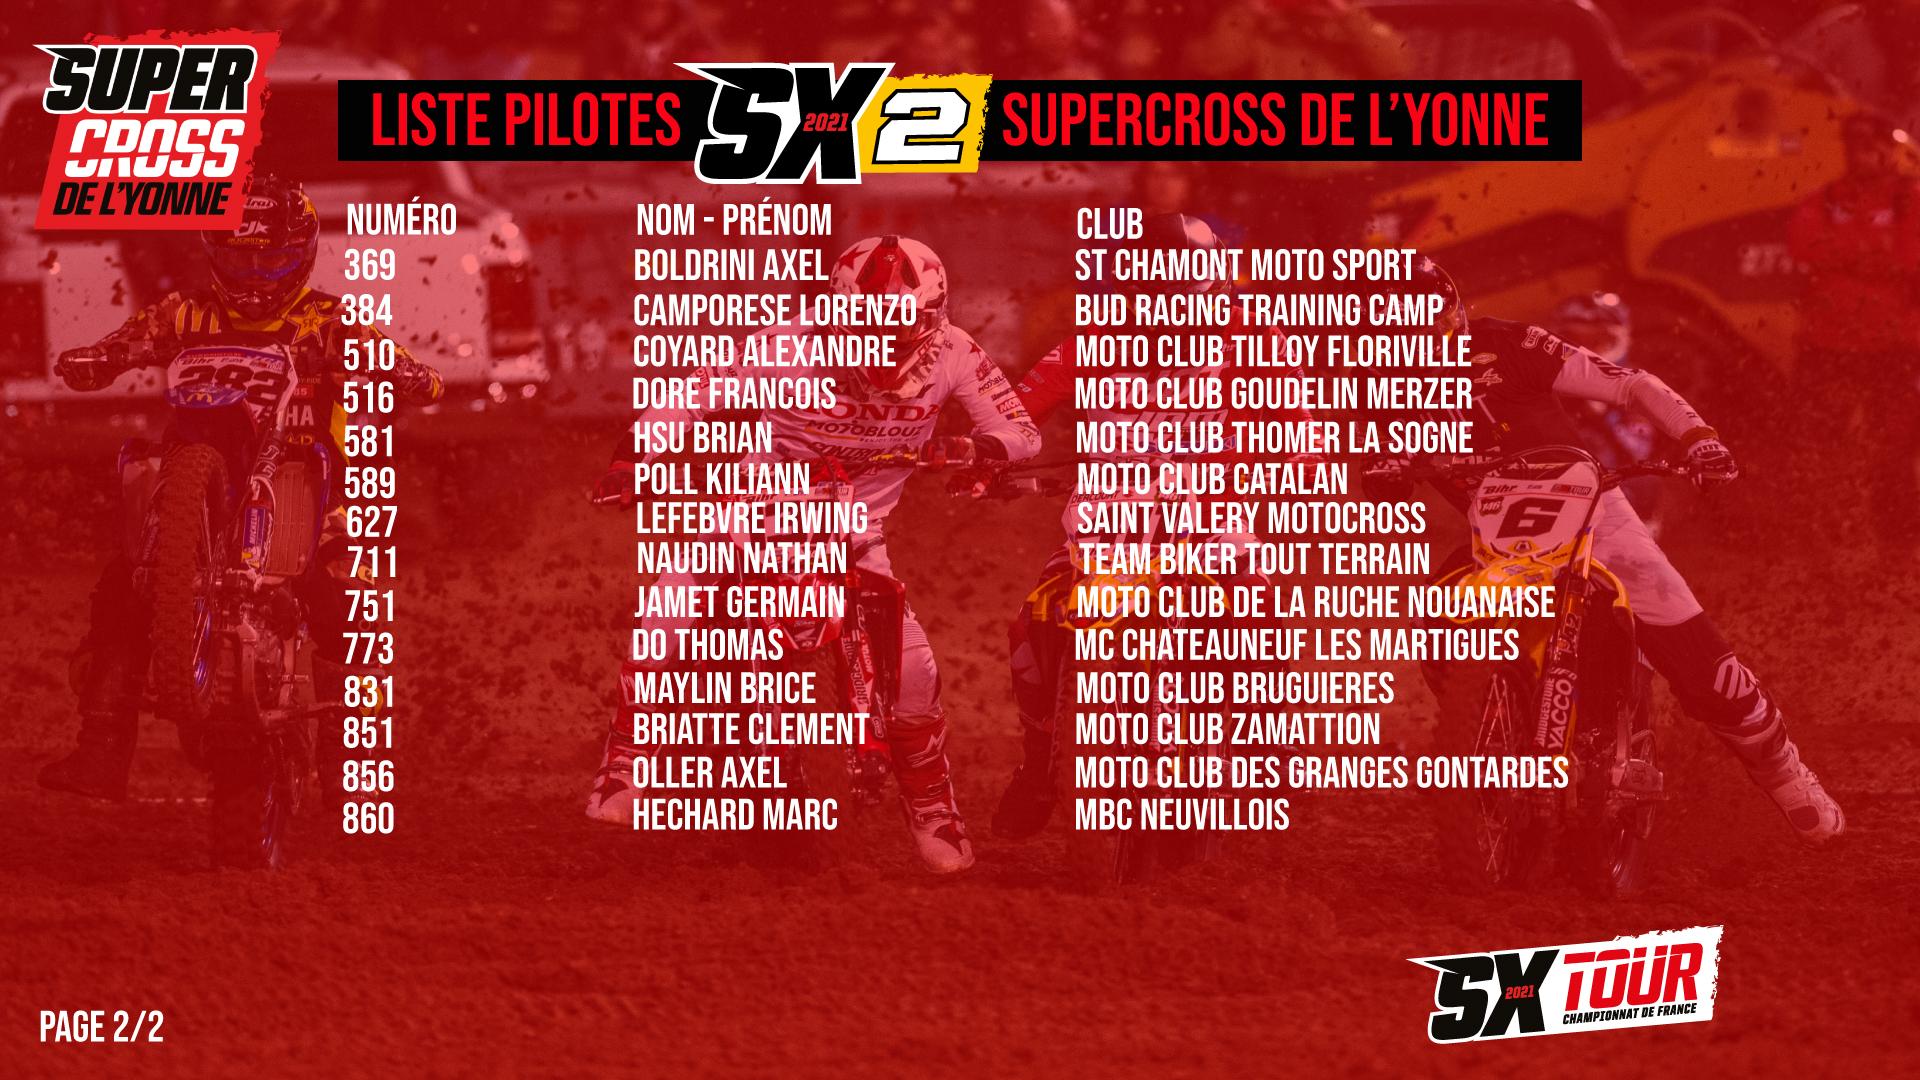 Supercross de l'Yonne 2021 -  La liste des pilotes SX2